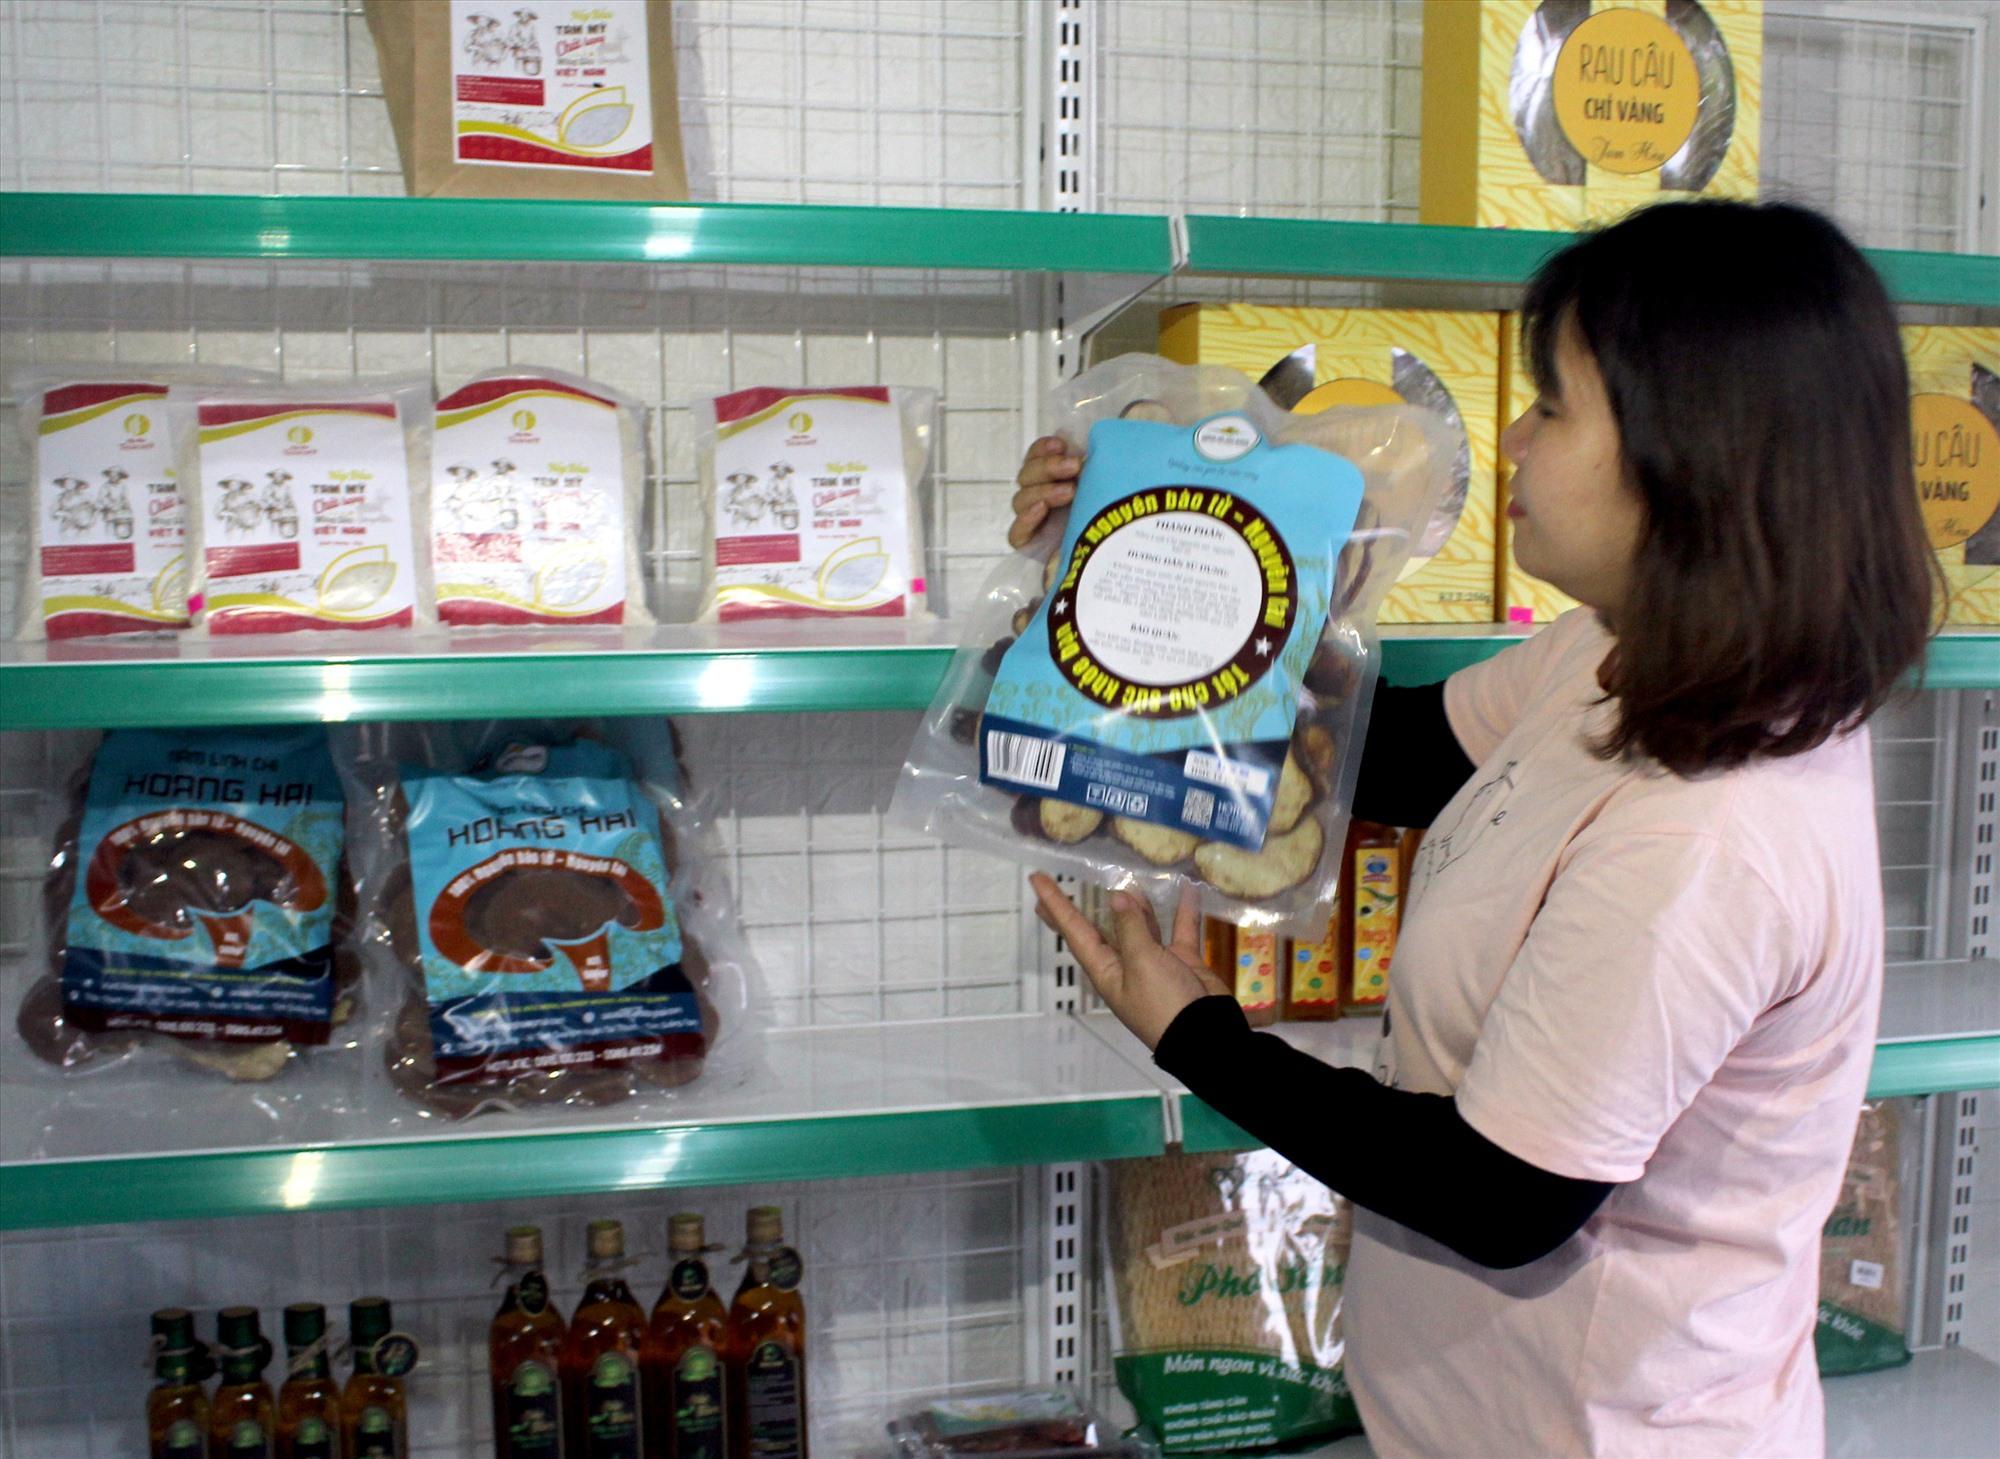 Các sản phẩm OCOP Núi Thành. Ảnh: VĂN PHIN